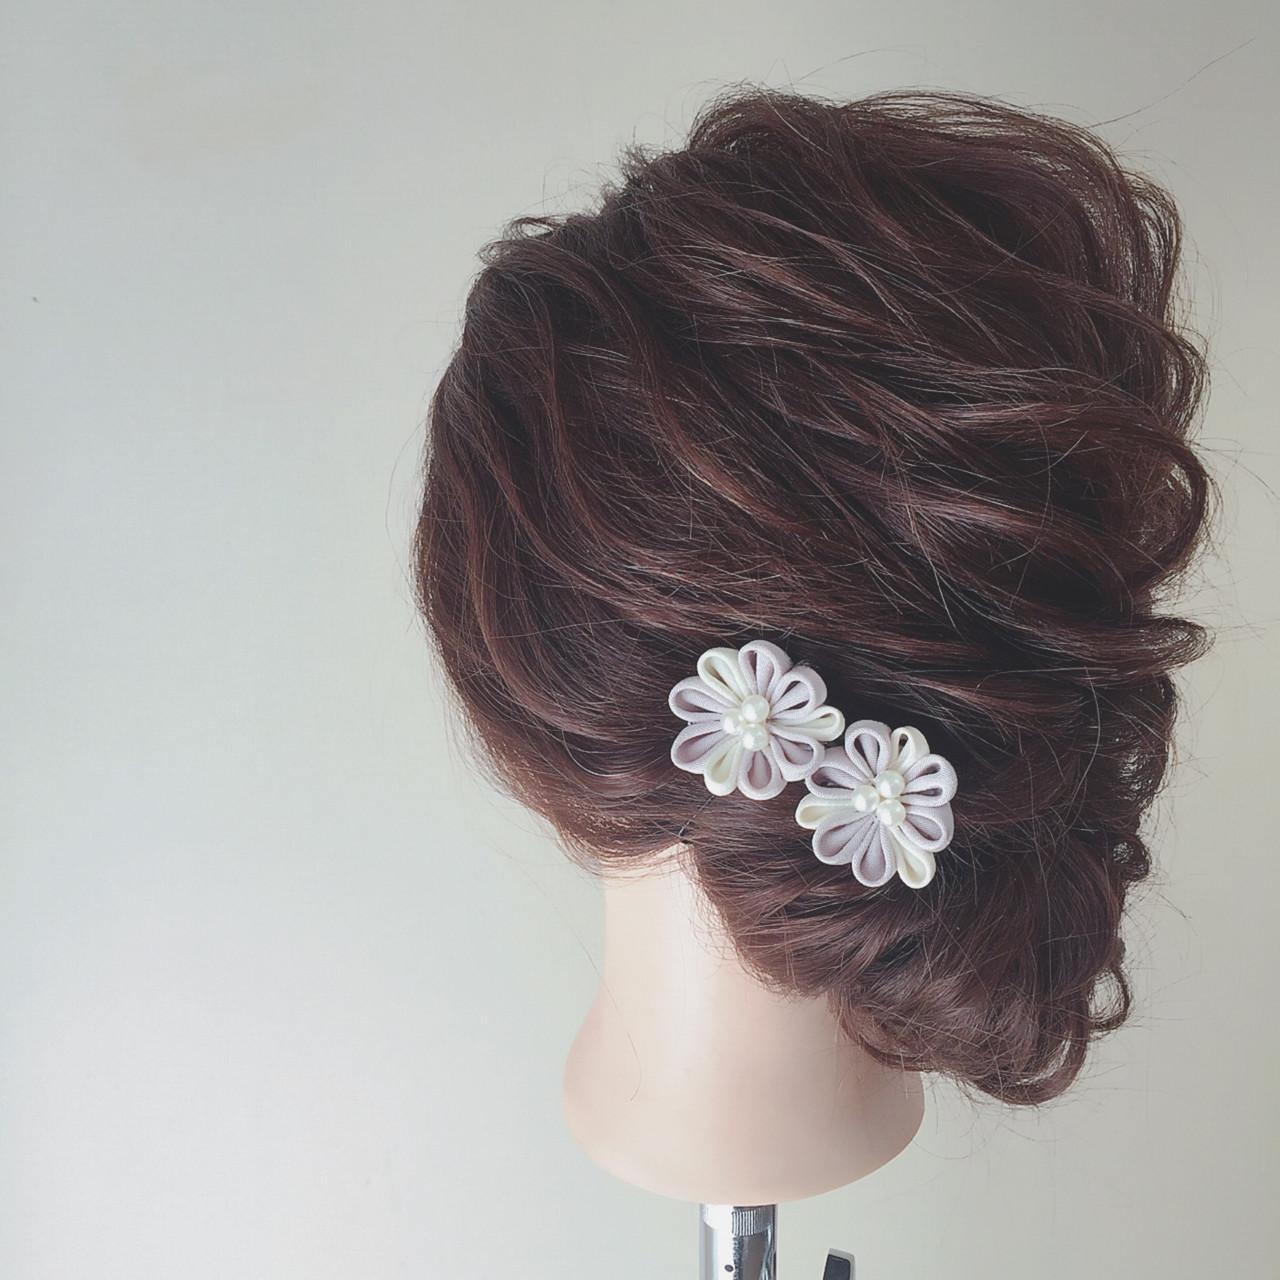 セミロング ルーズ エレガント 結婚式 ヘアスタイルや髪型の写真・画像